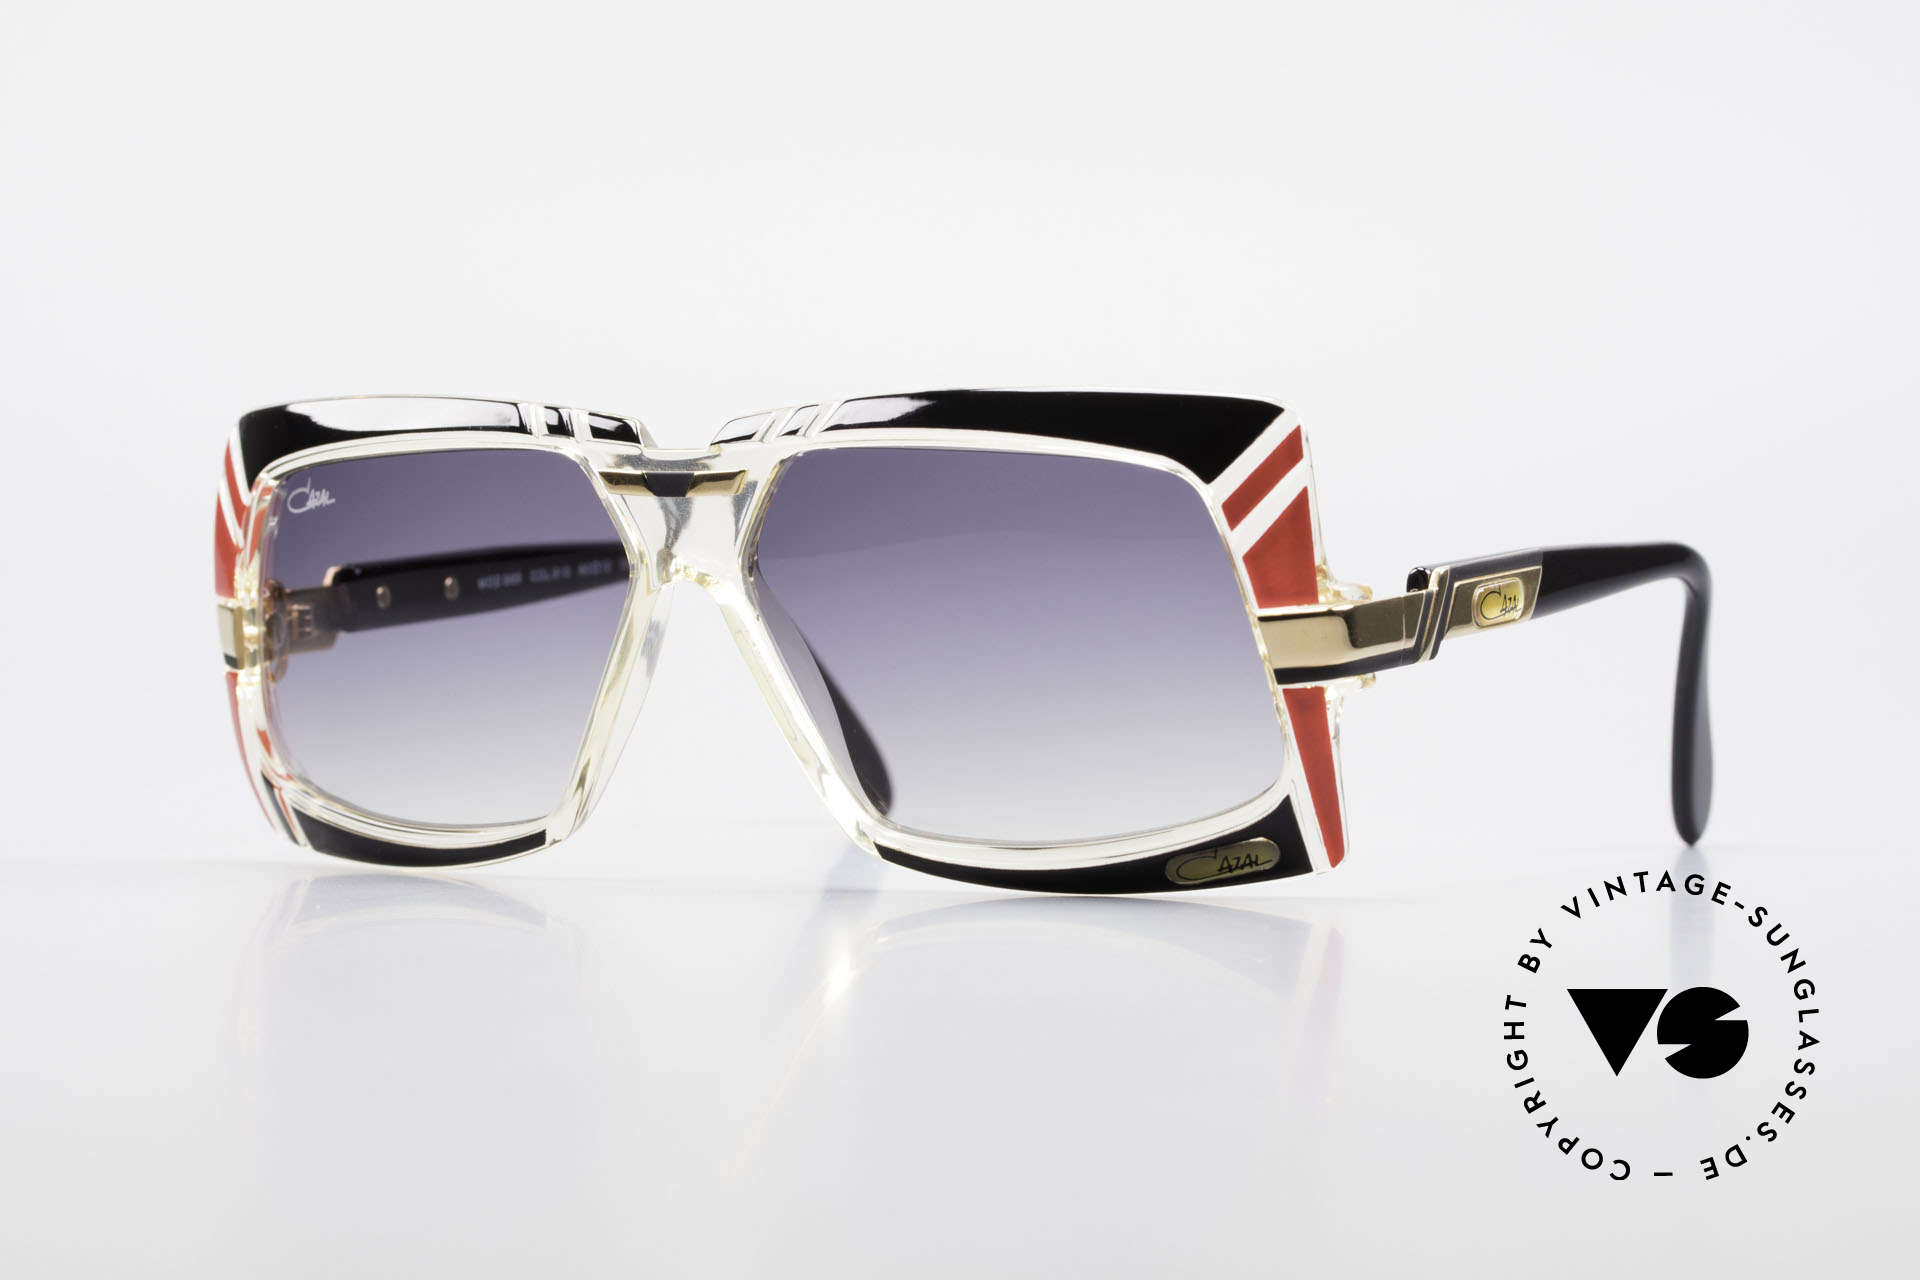 Cazal 869 80er True Vintage Sonnenbrille, außergewöhnliche Designer-Sonnenbrille von 1989/90, Passend für Herren und Damen